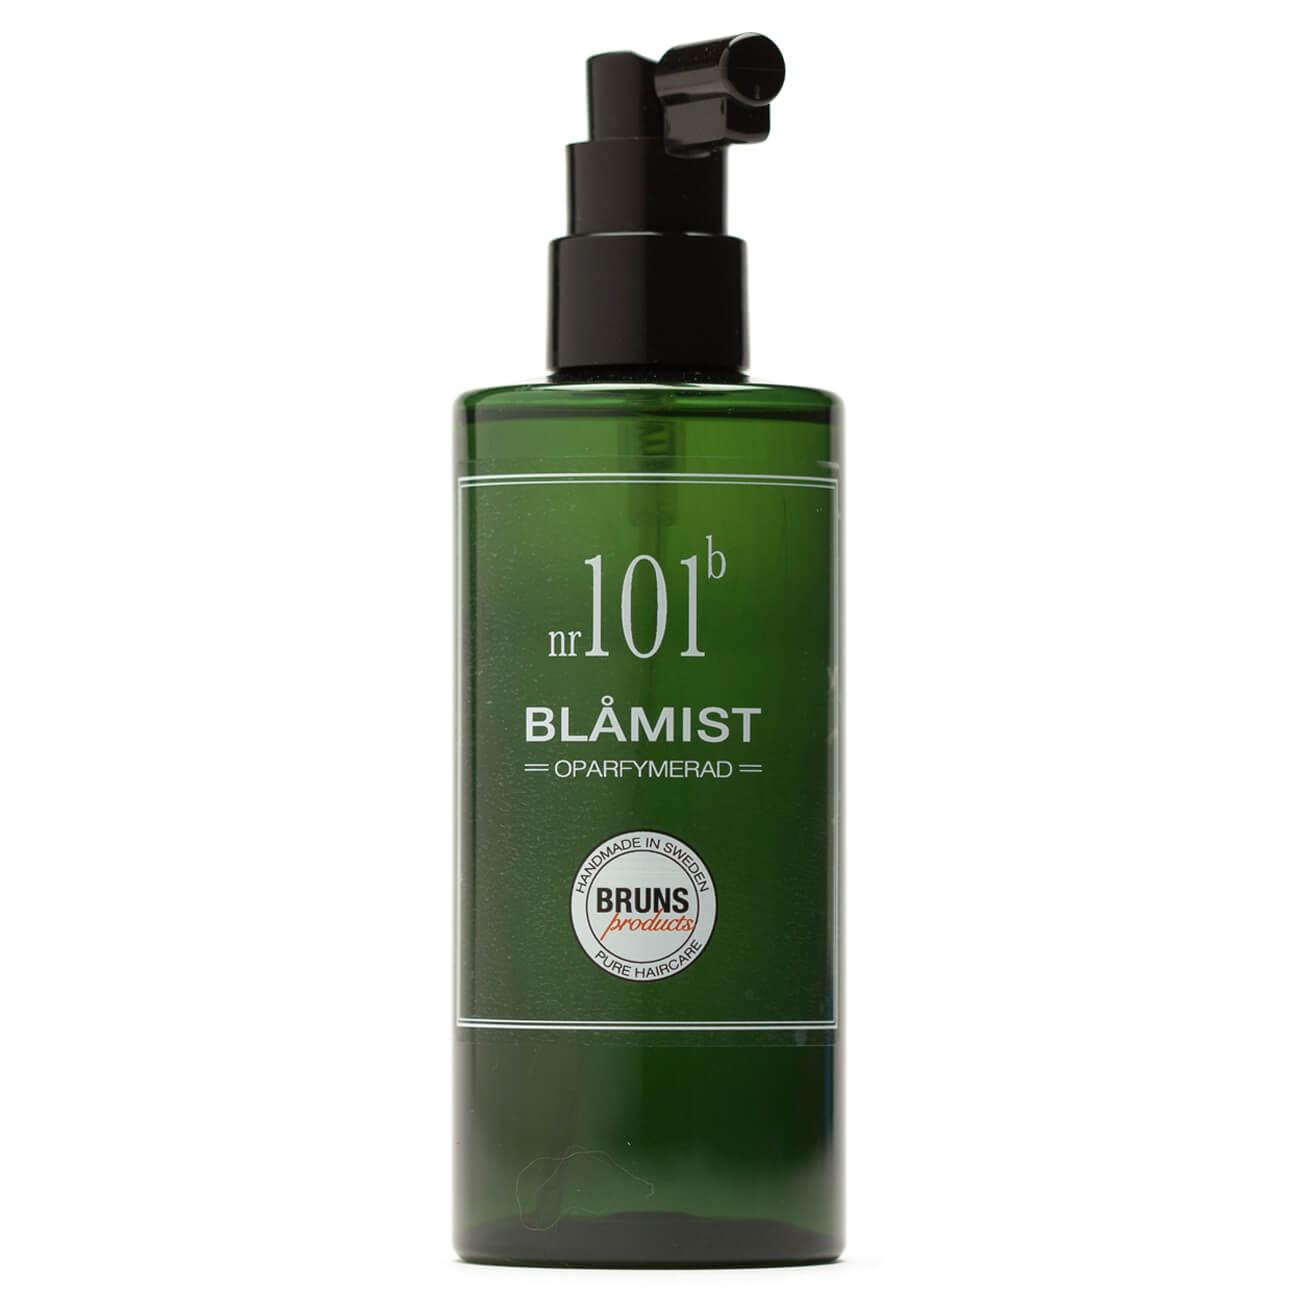 Bruns Products Blåmist 101b SPA, 200ml - Oparfymerad